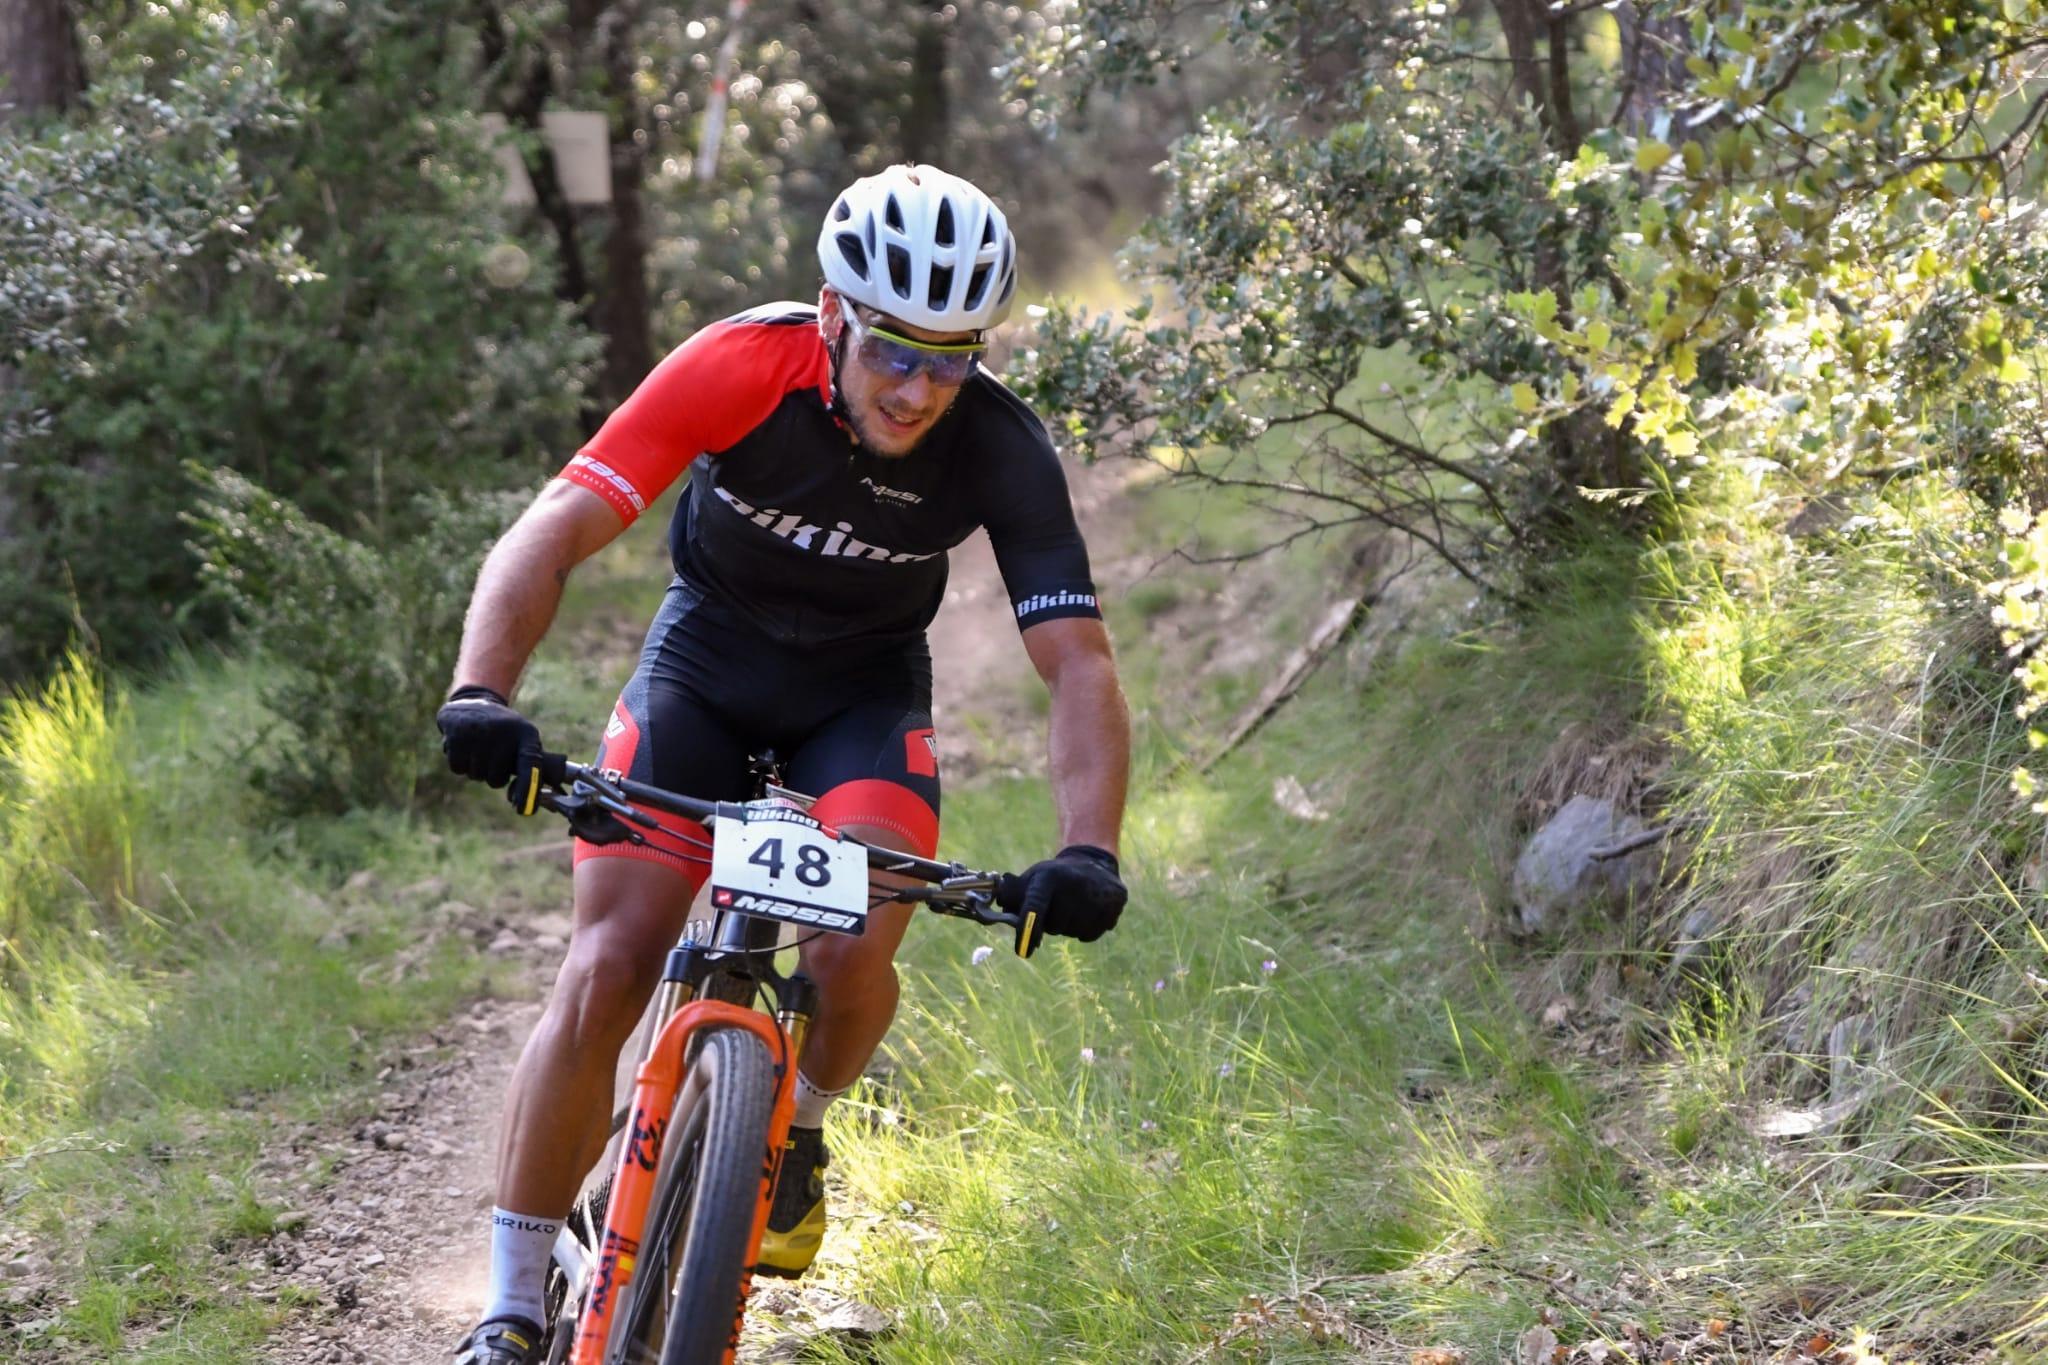 Christofer Bosque apura para ganar y Cl�udia Galicia no da ninguna opci�n en el regreso de la Copa Catalana Internacional Biking Point en La Vall de L